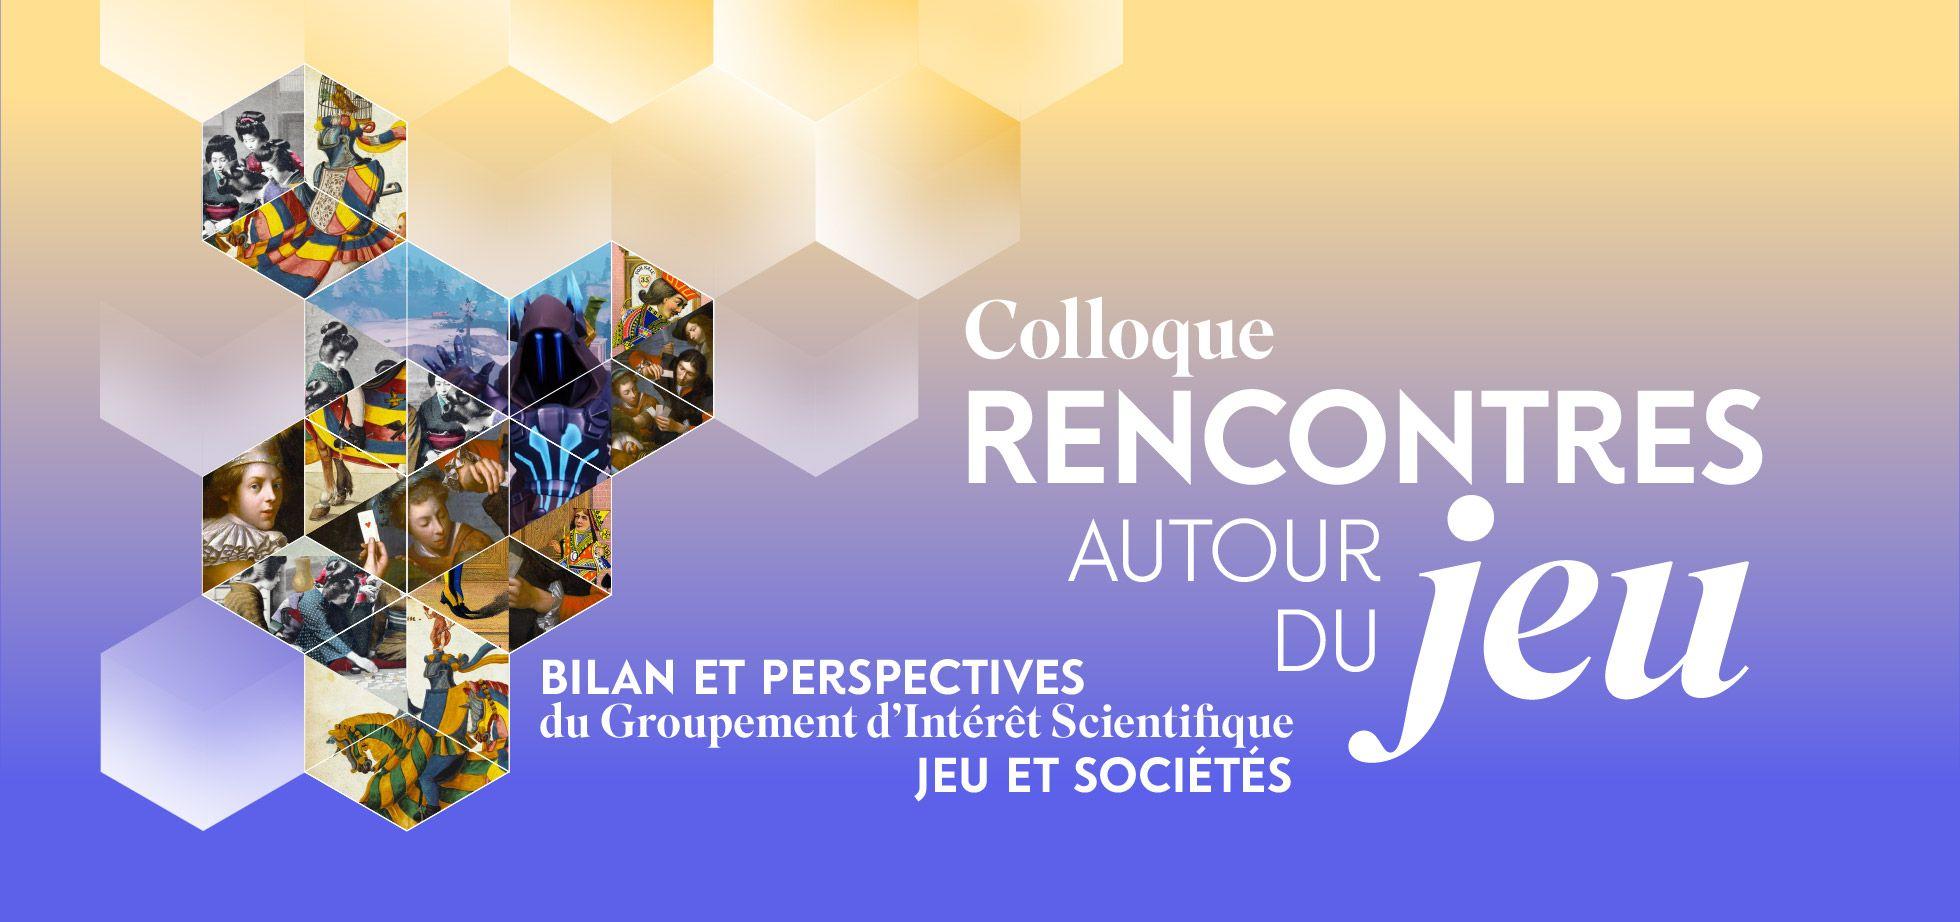 Edition 2019 du colloque «Rencontres autour du jeu» : le GIS Jeu et Sociétés met à l'honneur le caractère pluridisciplinaire et international du jeu